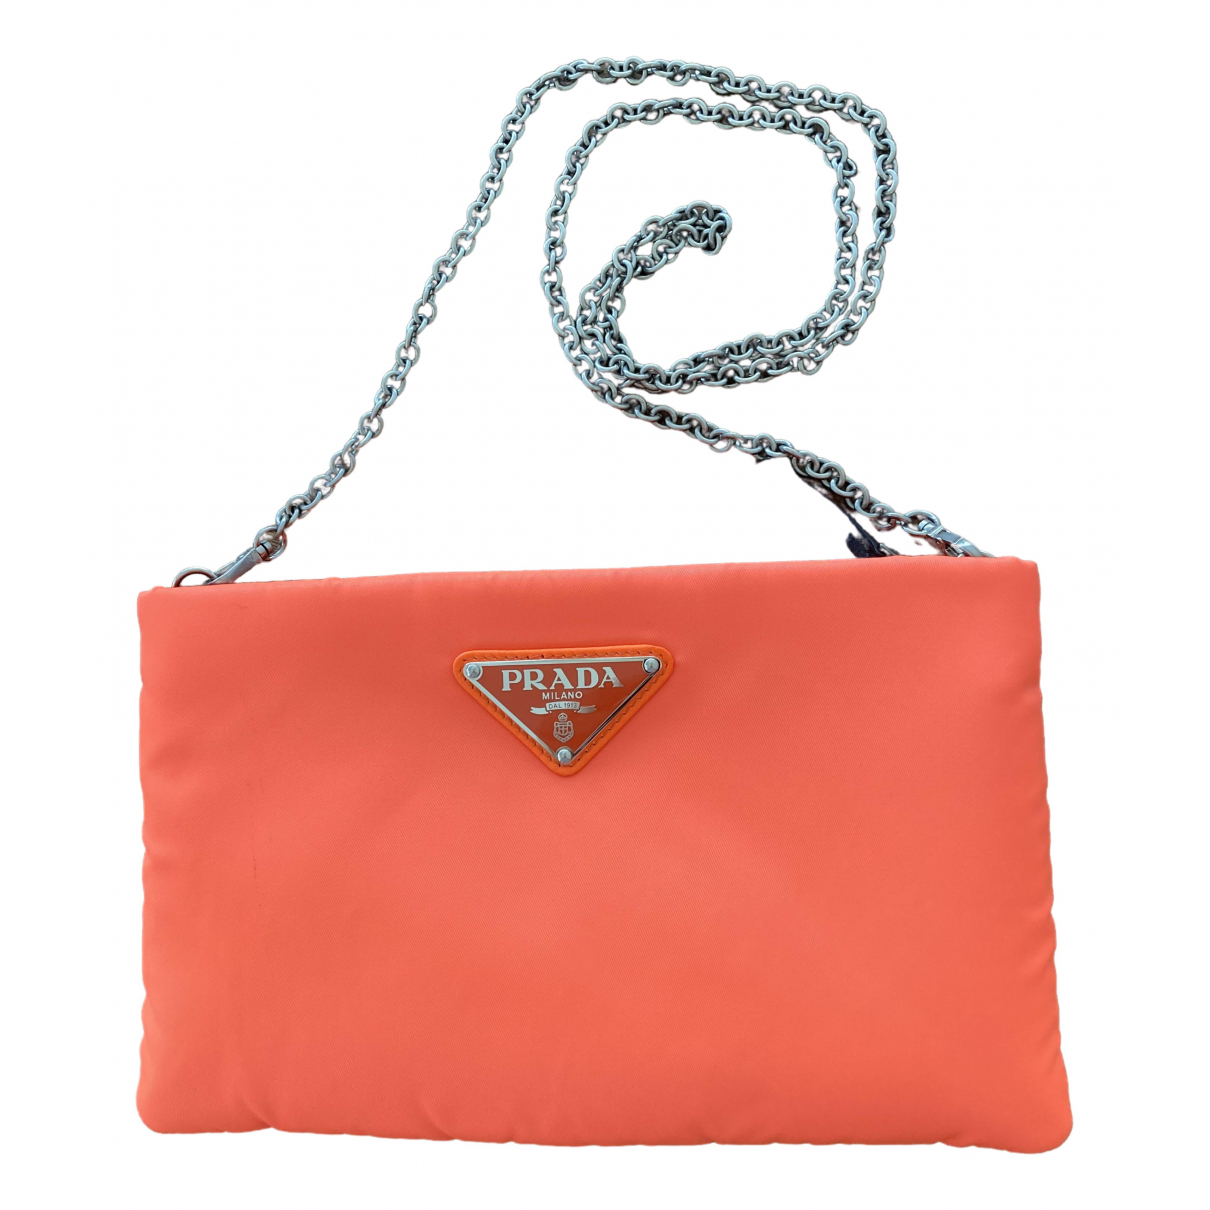 Prada - Sac a main   pour femme - orange